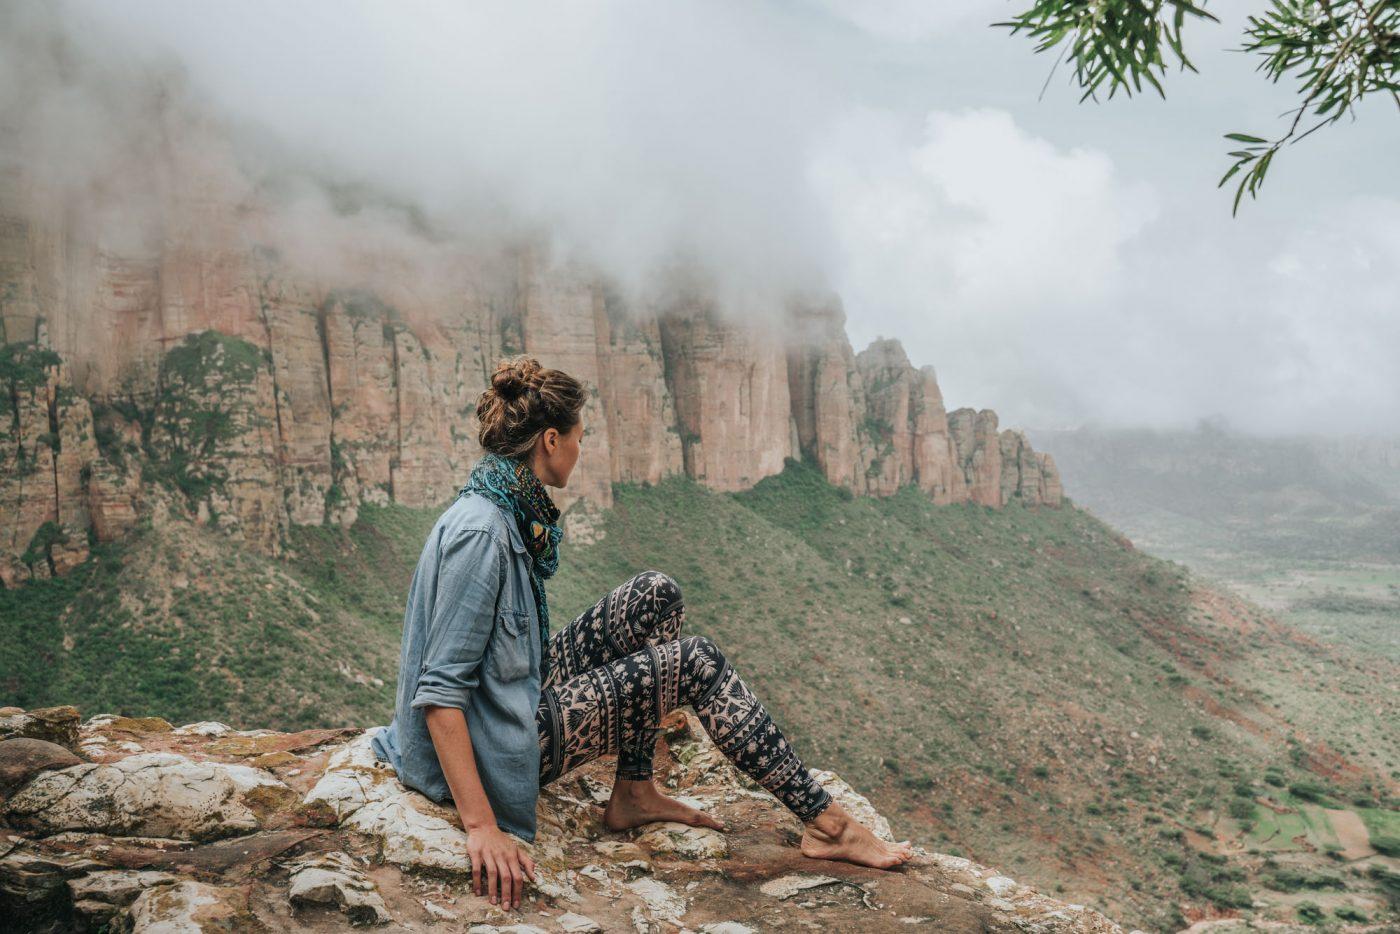 Oksana wearing Teeki yoga pants, an eco friendly gift, while hiking in Ethiopia